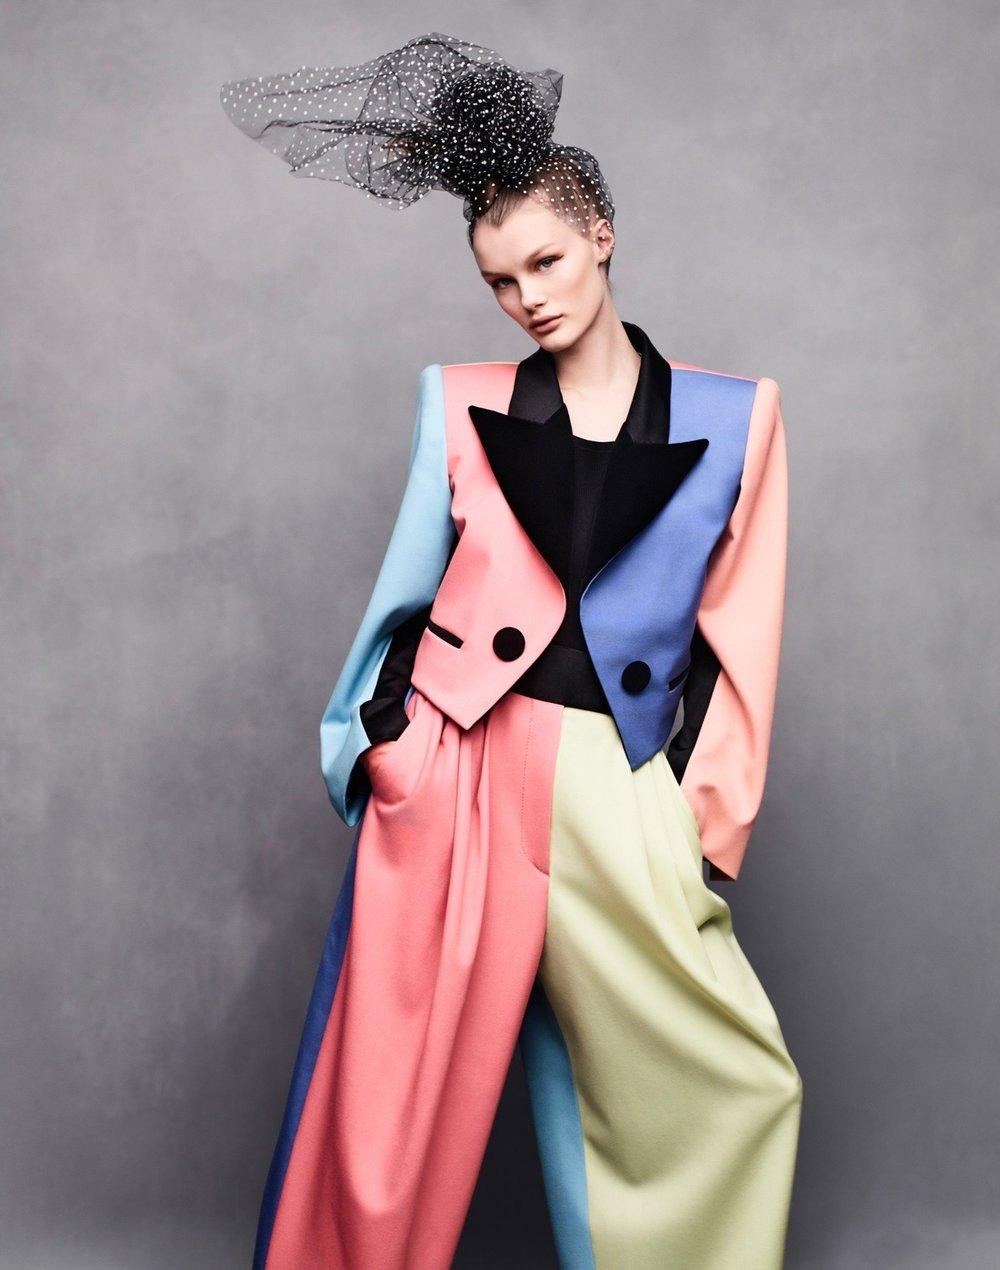 Kris Grikaite by Solve Sundsbo for Vogue China Jan 2019 (4).jpg